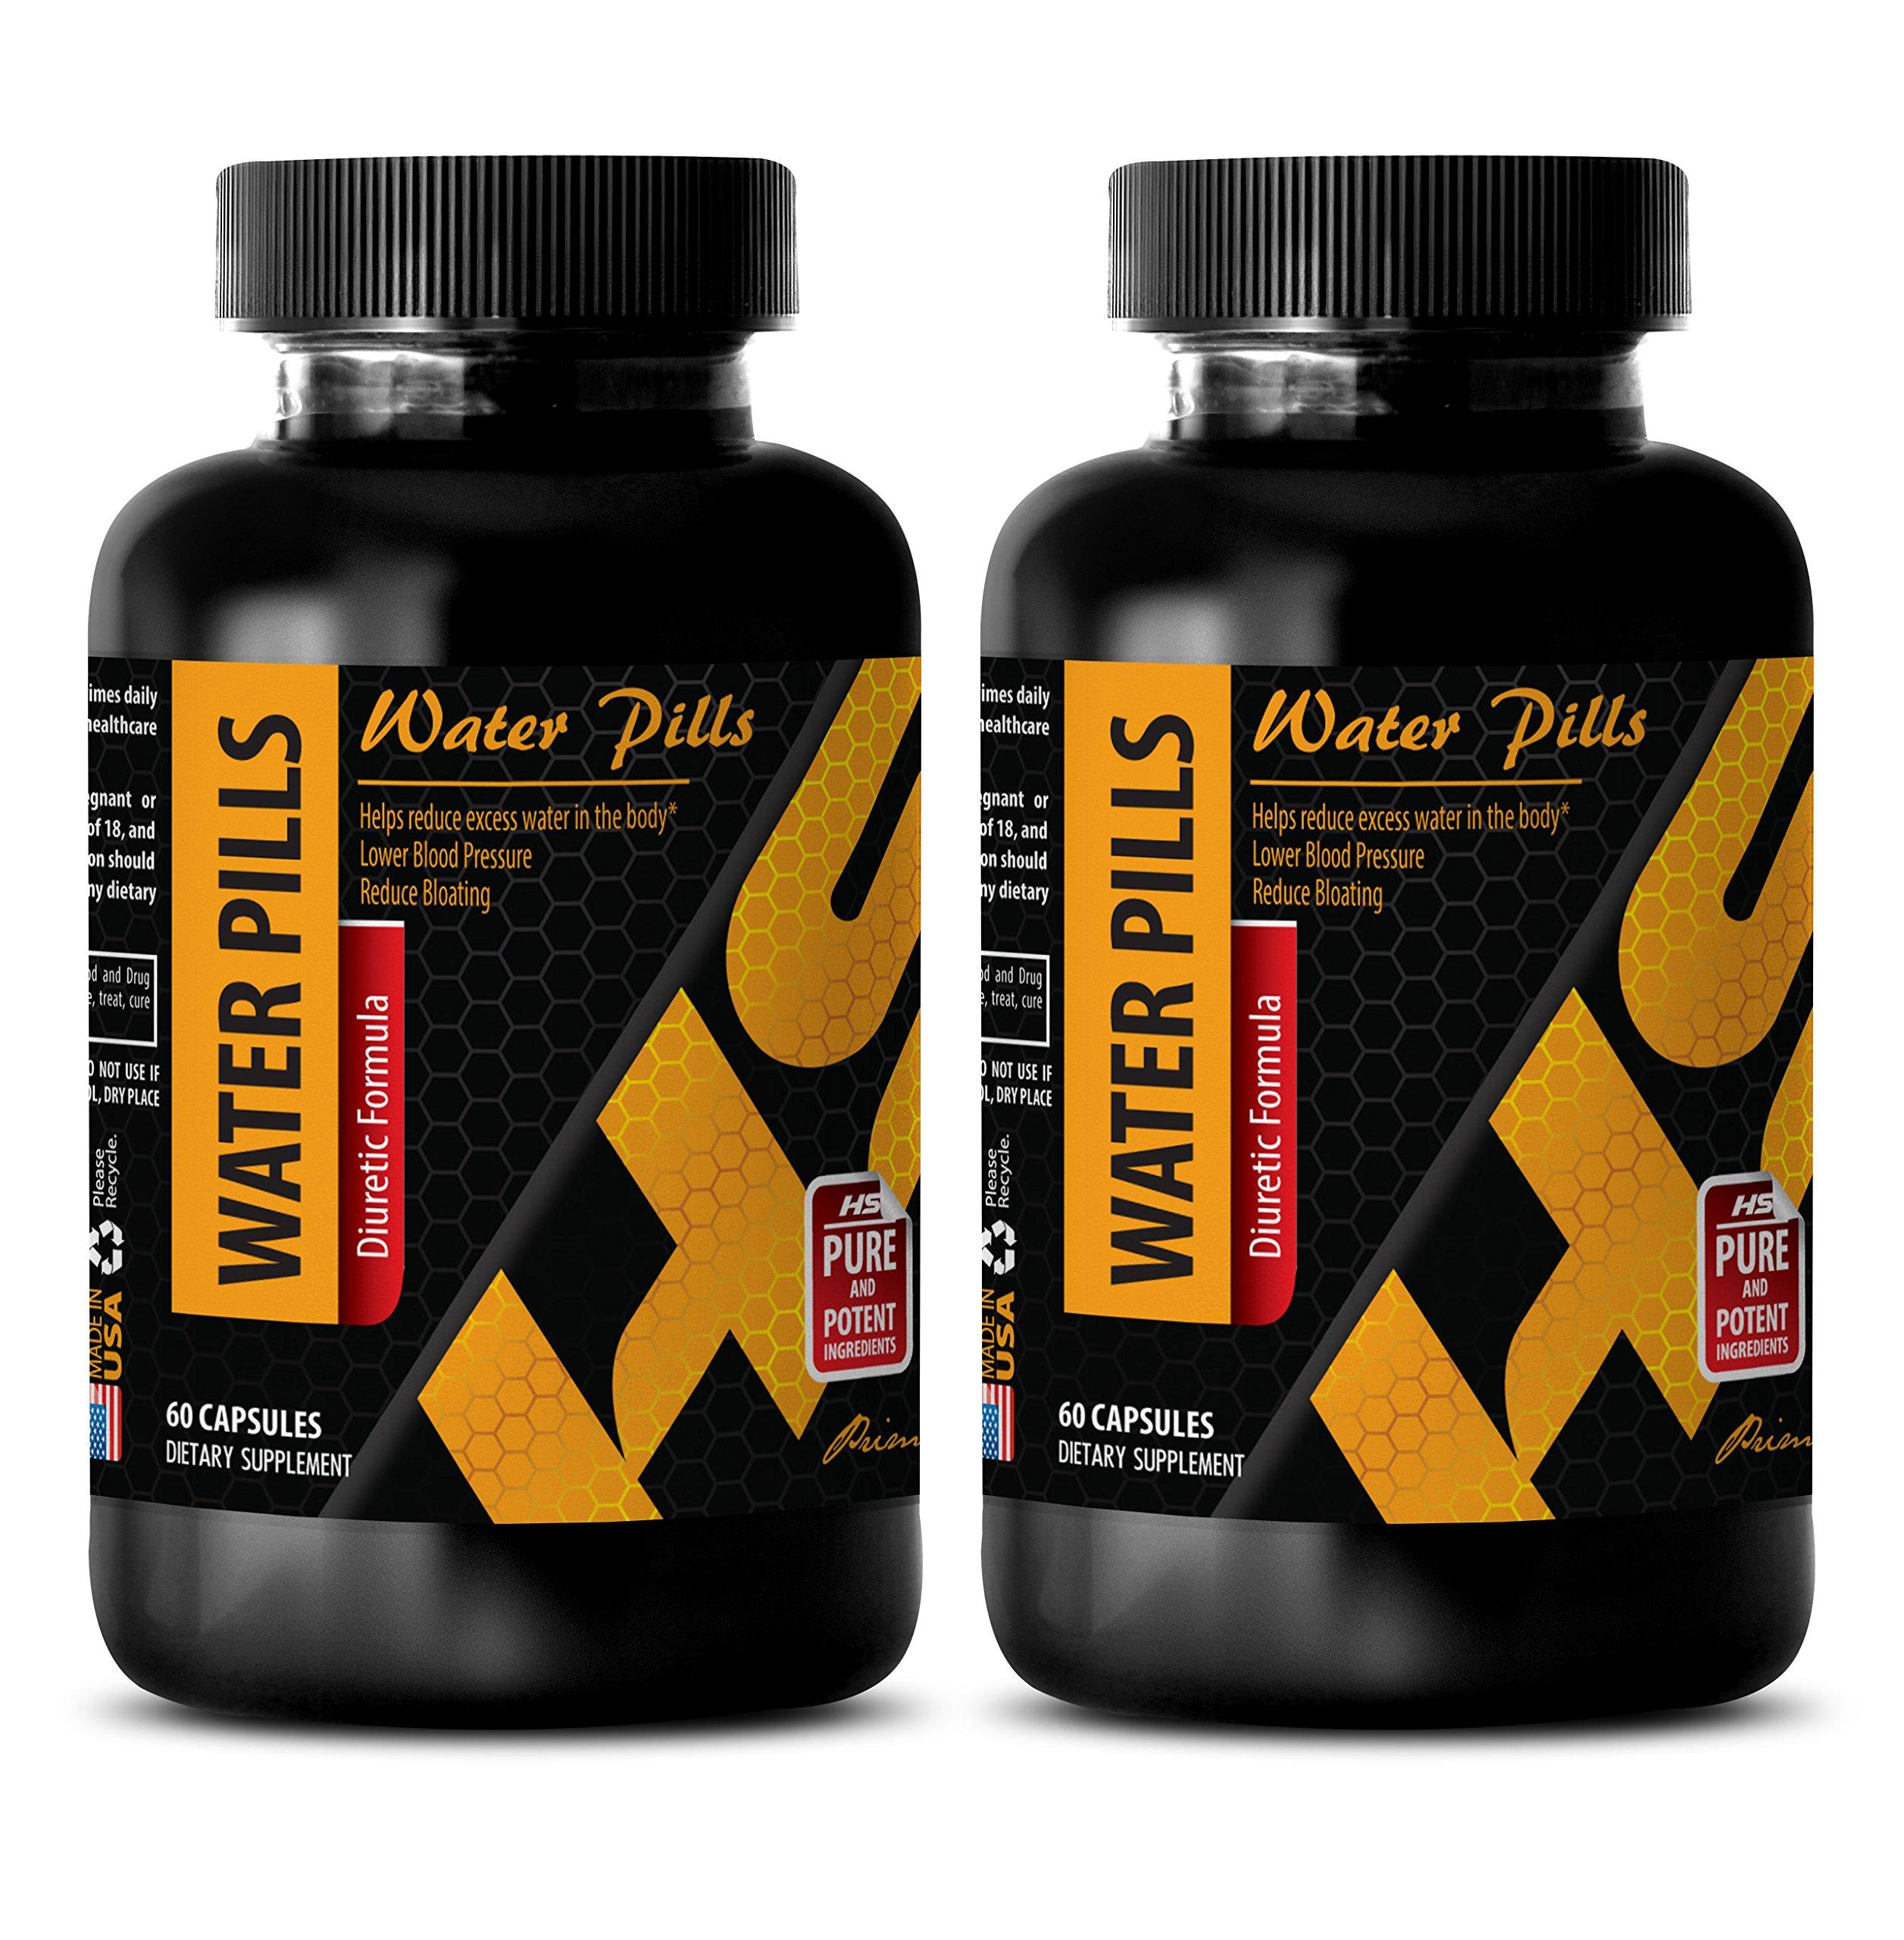 Diuretic pills - WATER PILLS (Diuretic Formula) - Water pills for high blood pressure - Potassium supplement bulk - 2 Bottles 120 Capsules